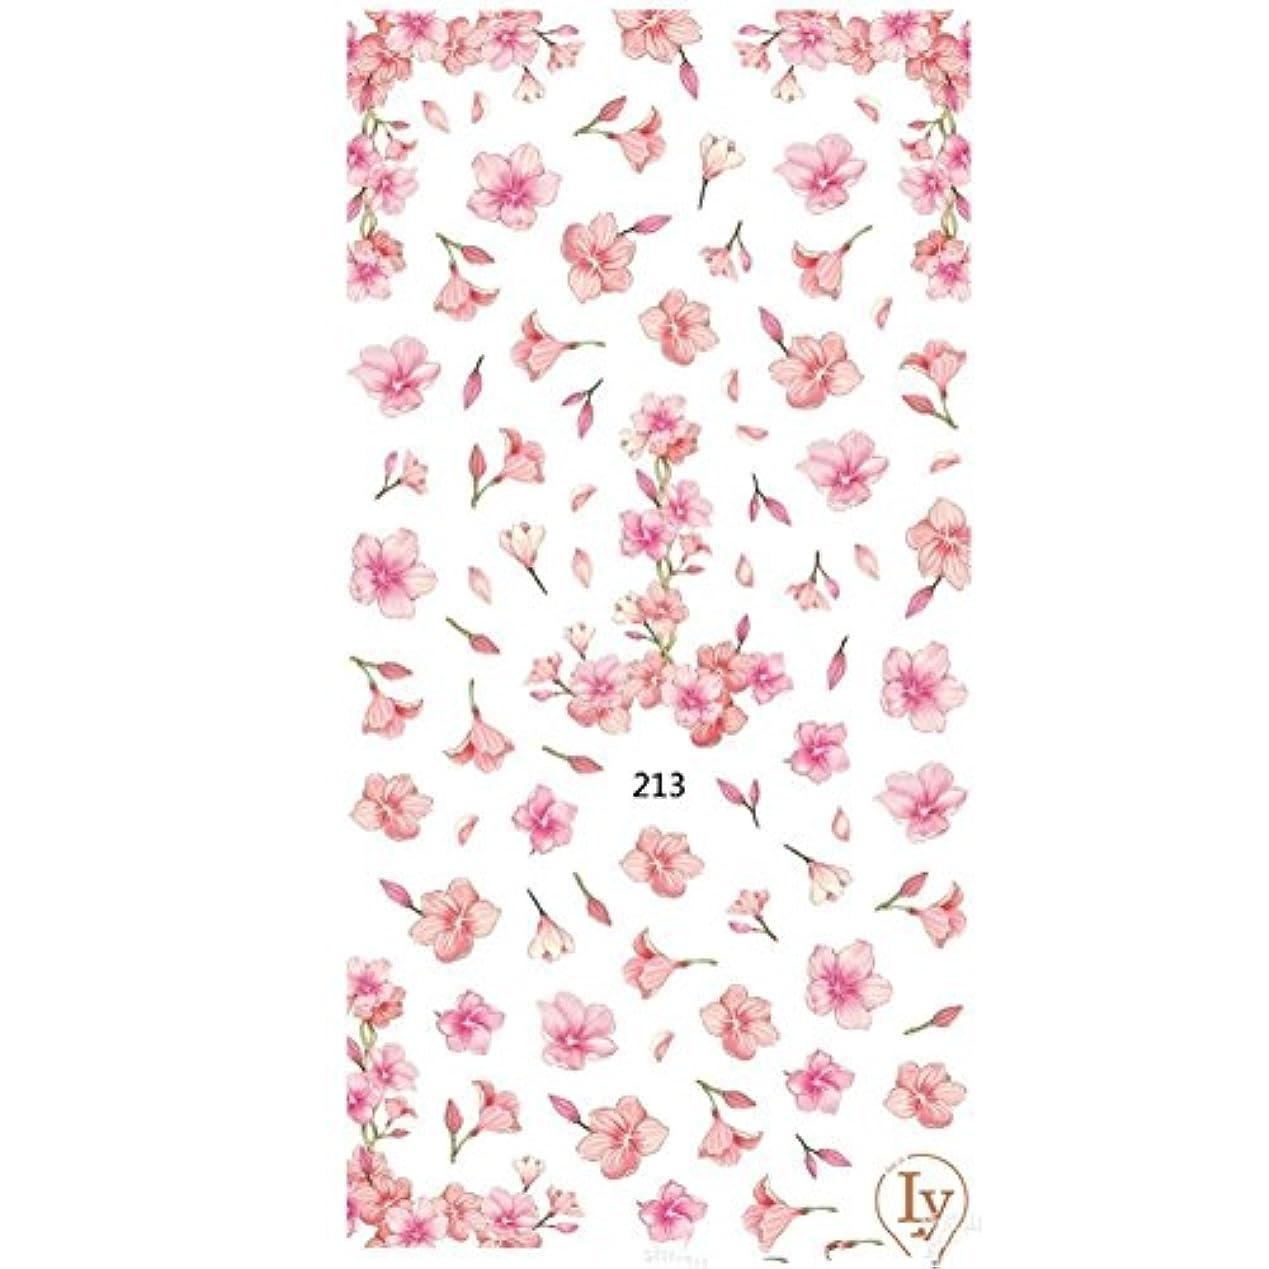 スコアポール月ネイルステッカー 1シート 桜 フラワー 花 パターン 3Dシール ネイルステッカー ネイルシール ネイルアート ネイルデコ